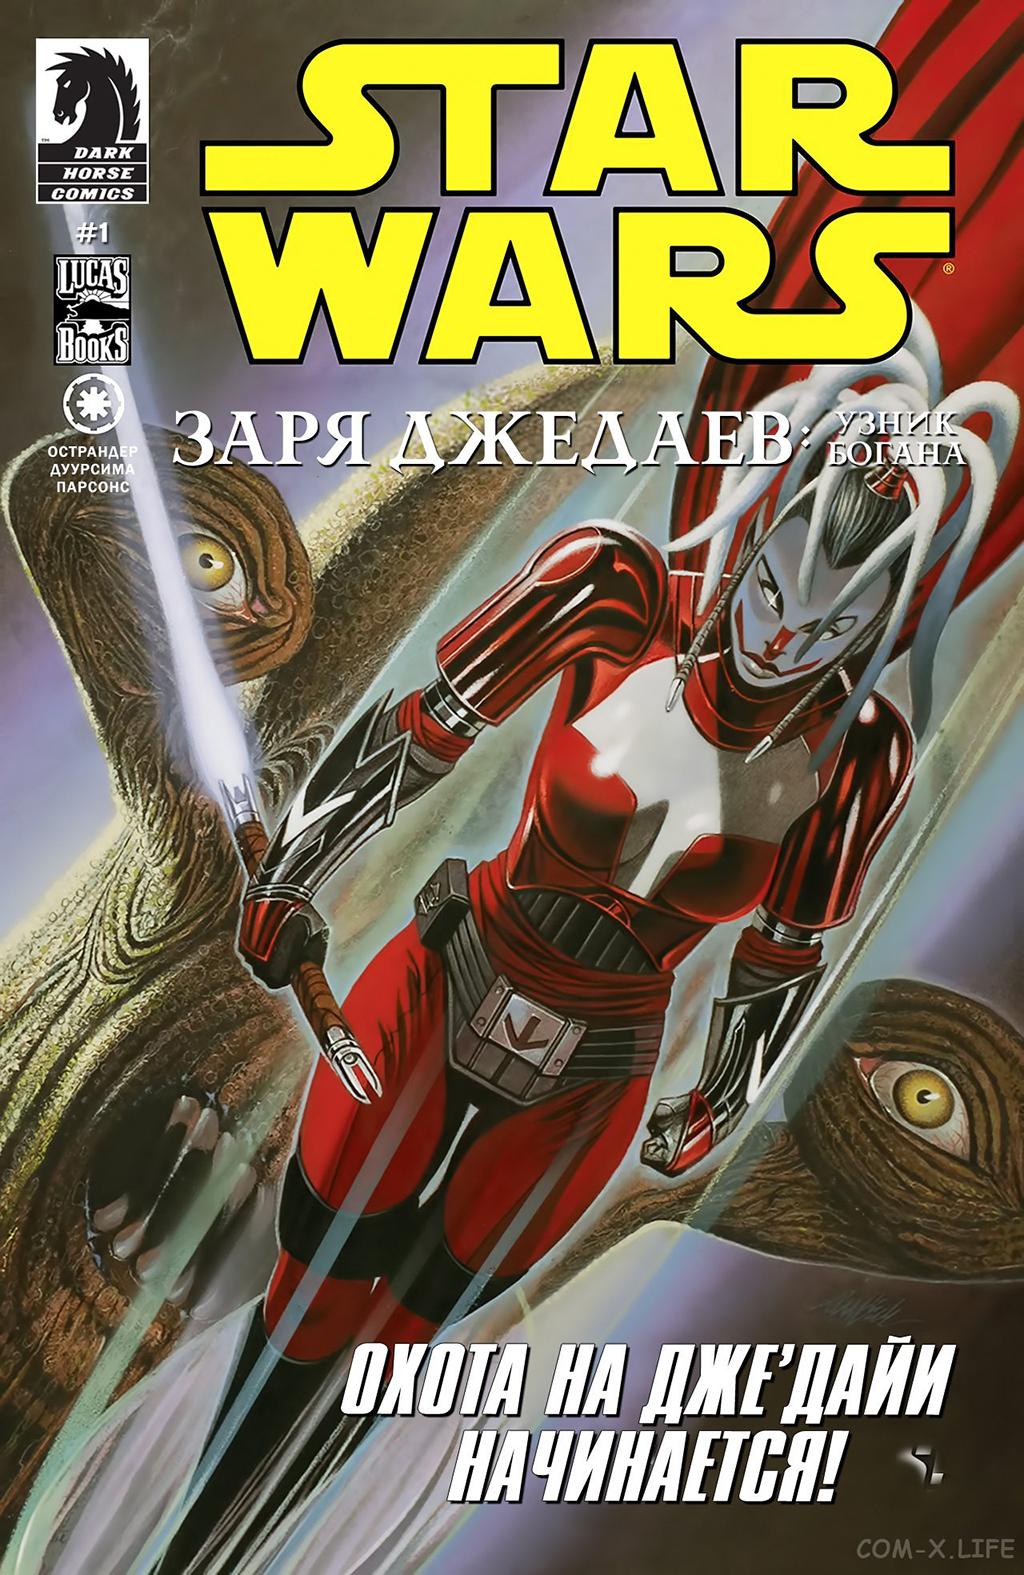 Комикс Звёздные войны - Заря джедаев: Узник Богана